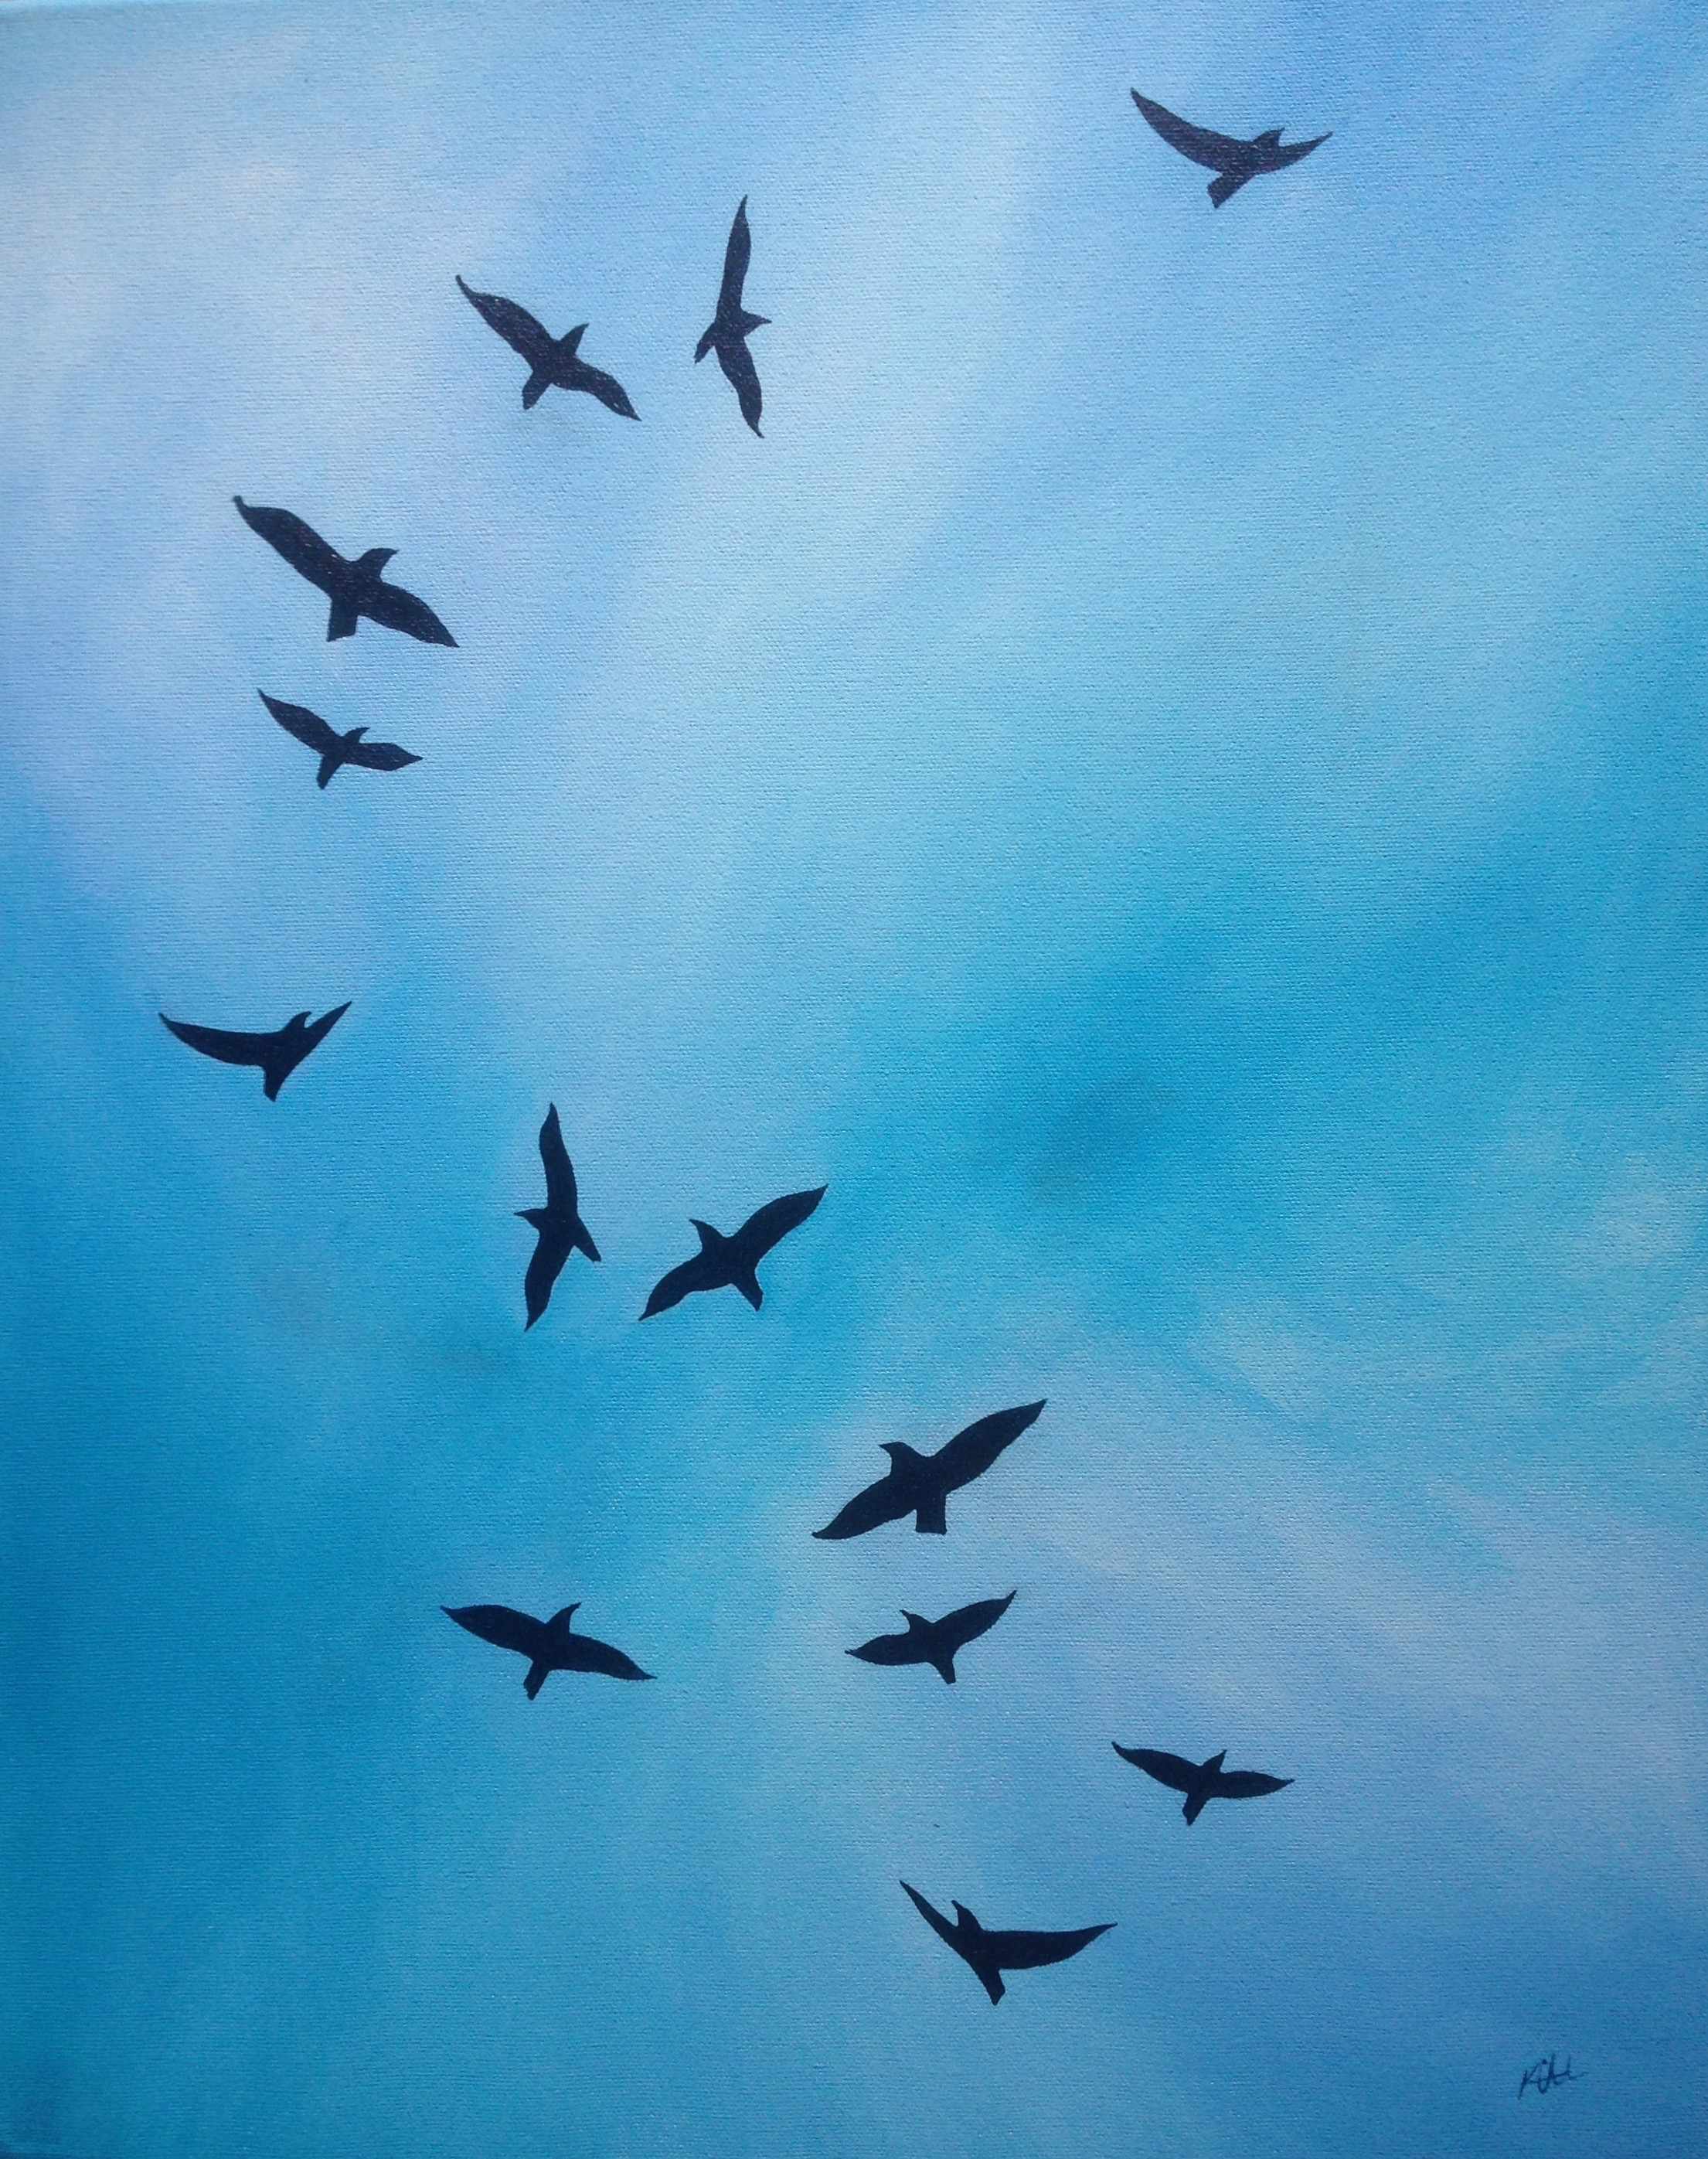 birds at flight.jpg